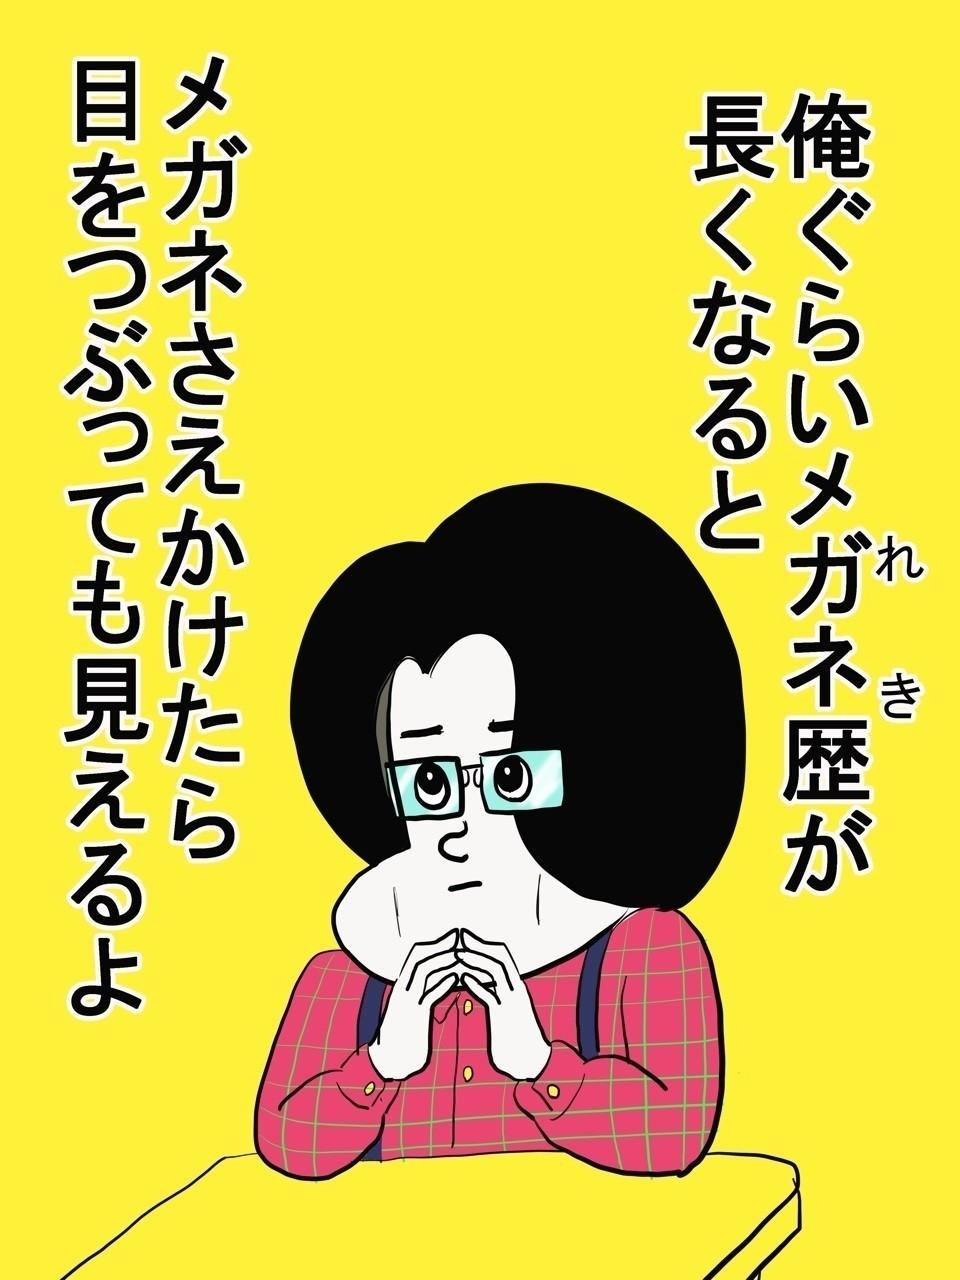 #ひとコマ漫画 #イラスト #漫画  #マンガ #メガネ #プロの眼鏡ビト #プロメガネスト